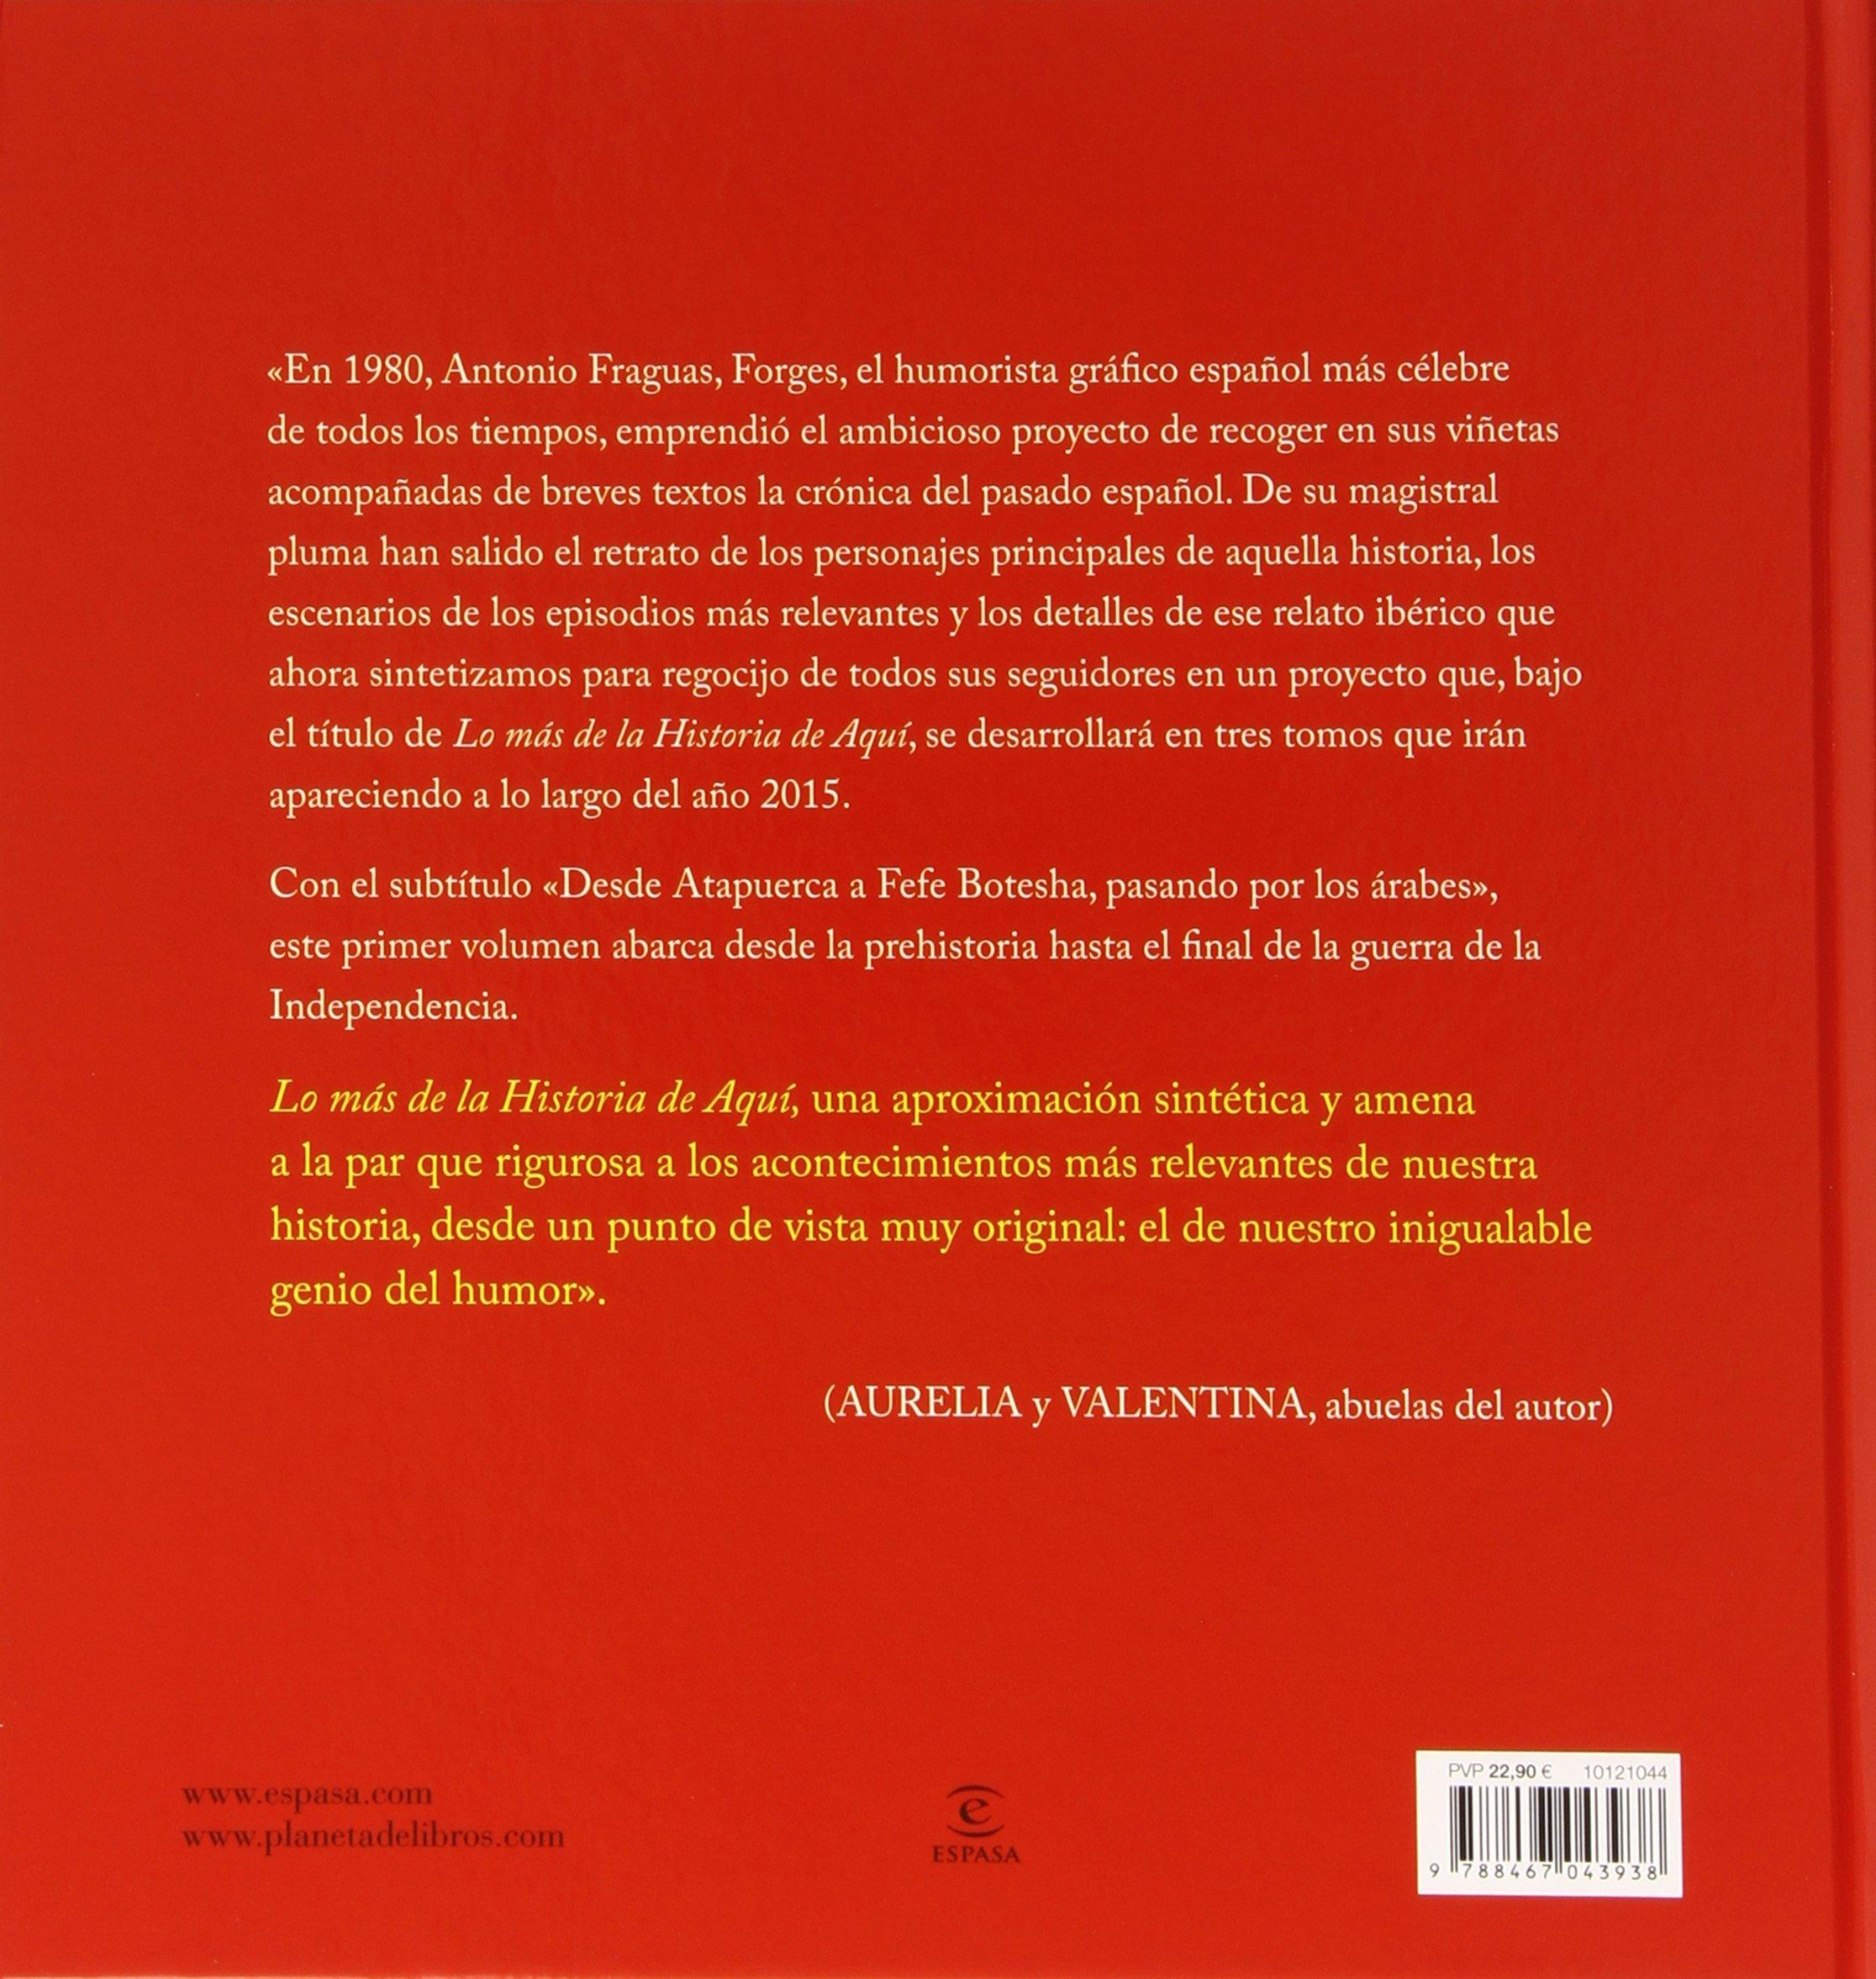 Lo más de la Historia de Aquí 1: desde Atapuerca a Fefe Botesha ...